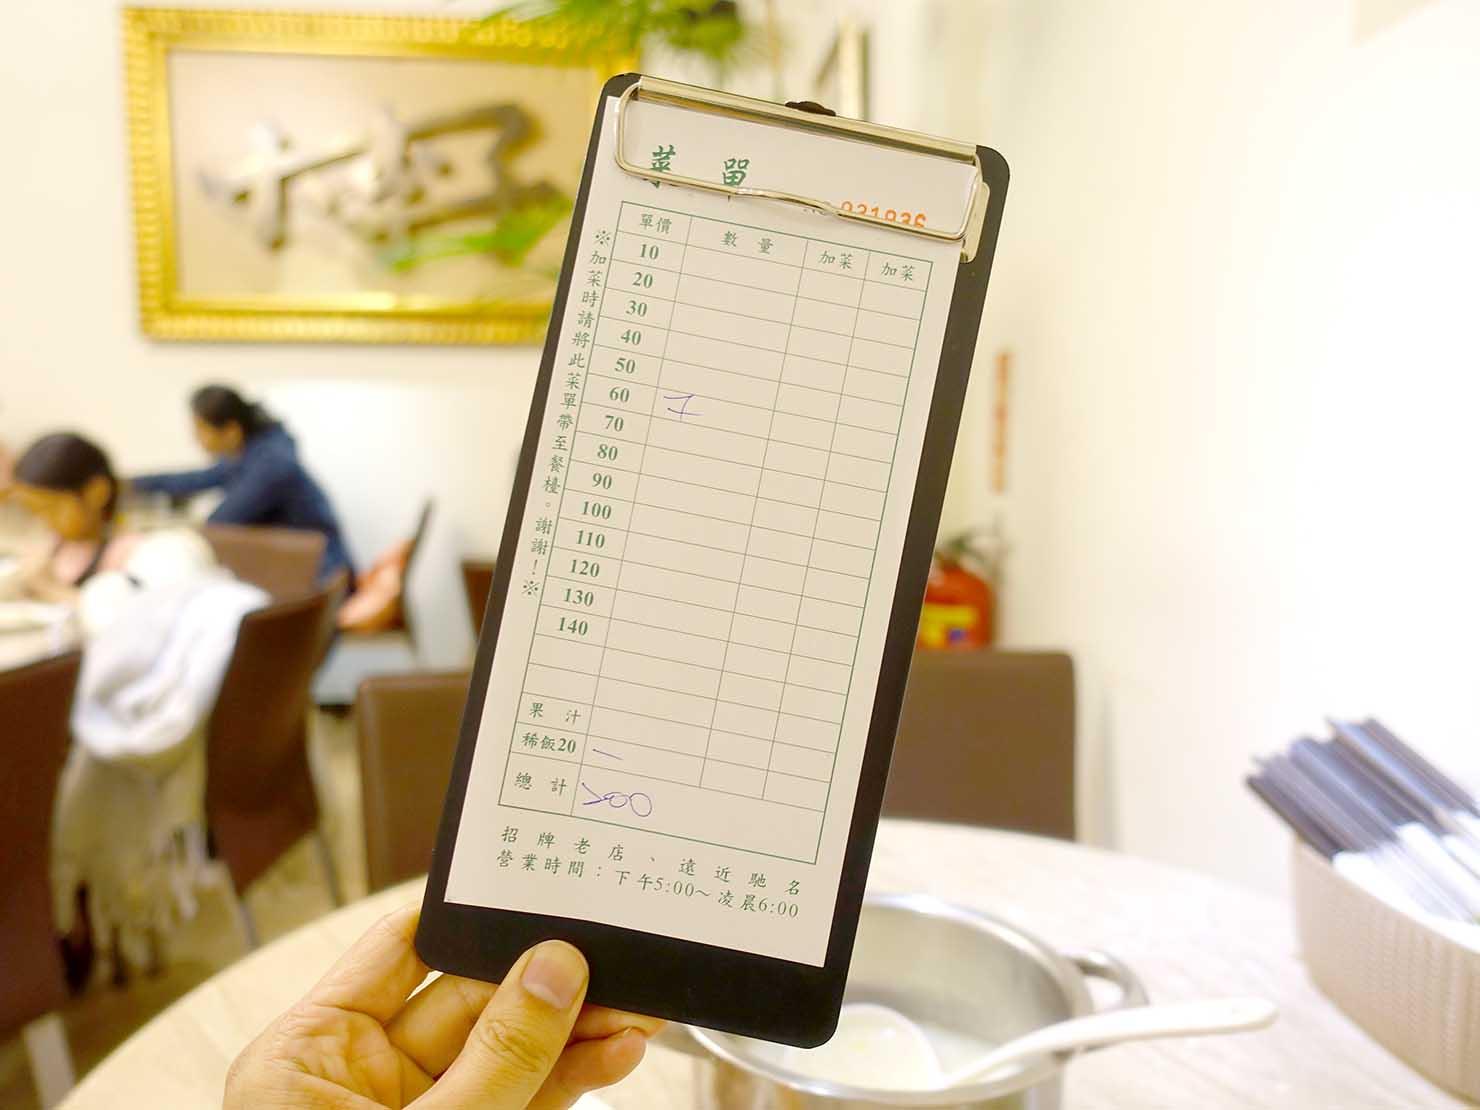 台北・清粥街(お粥街)にある「小李子清粥小菜」のオーダー表